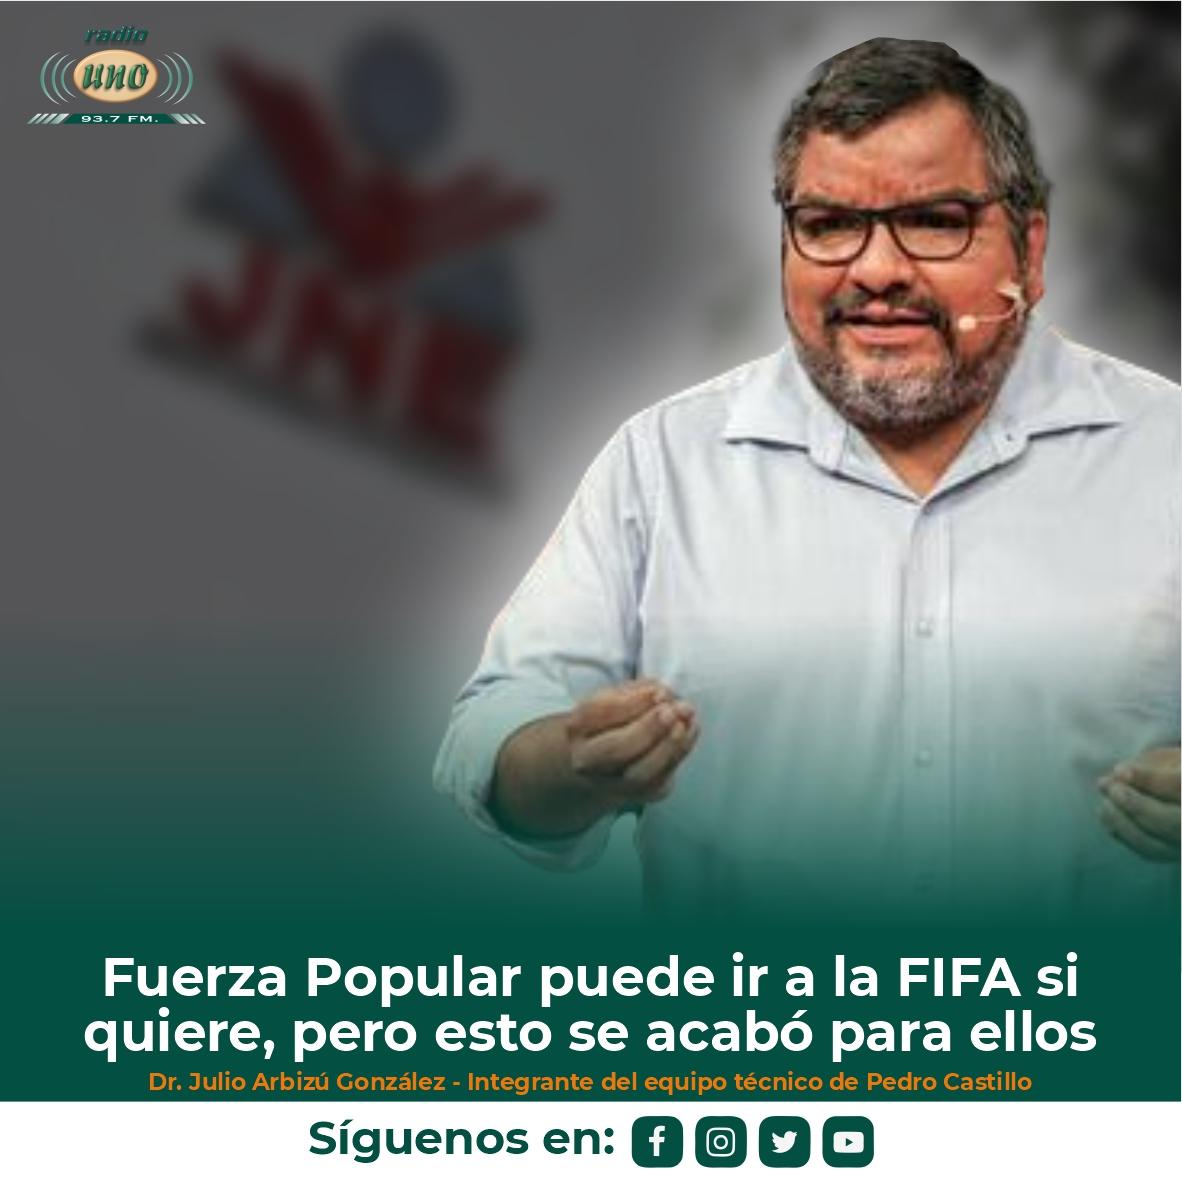 Fuerza Popular puede ir a la FIFA si quiere, pero esto se acabó para ellos